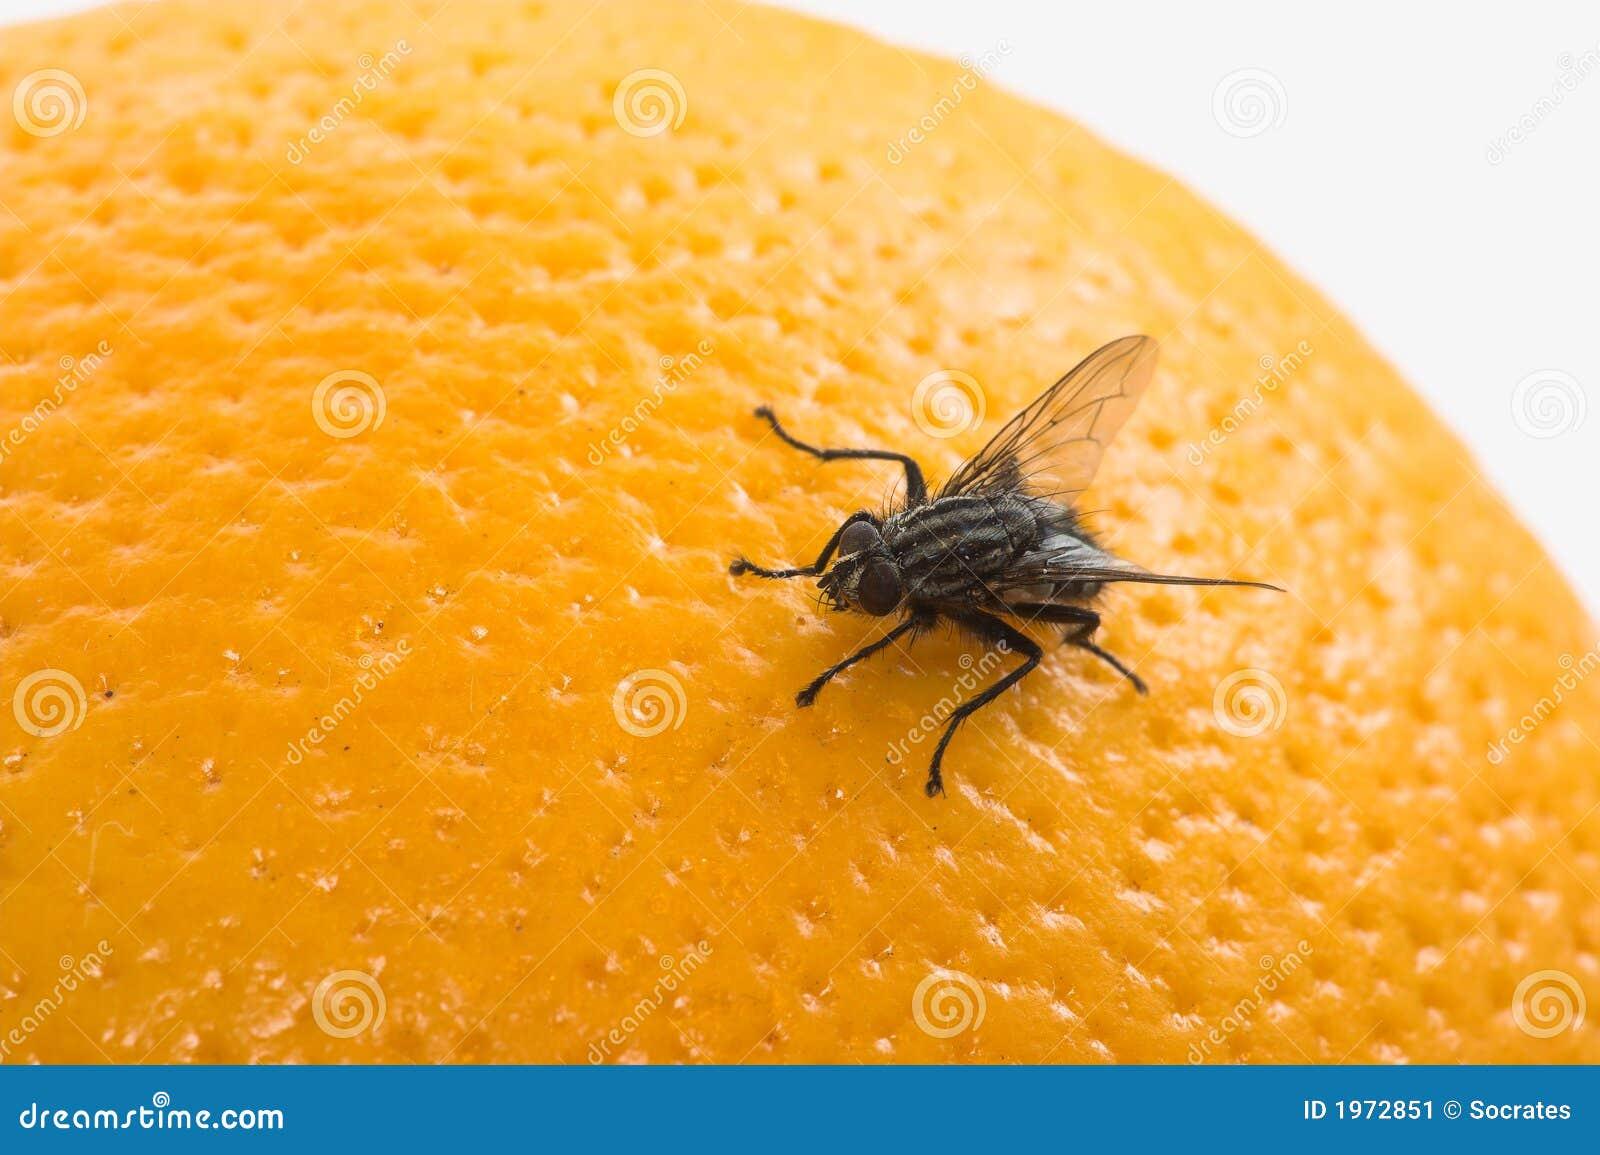 mosca e fruta imagem de stock imagem 1972851. Black Bedroom Furniture Sets. Home Design Ideas